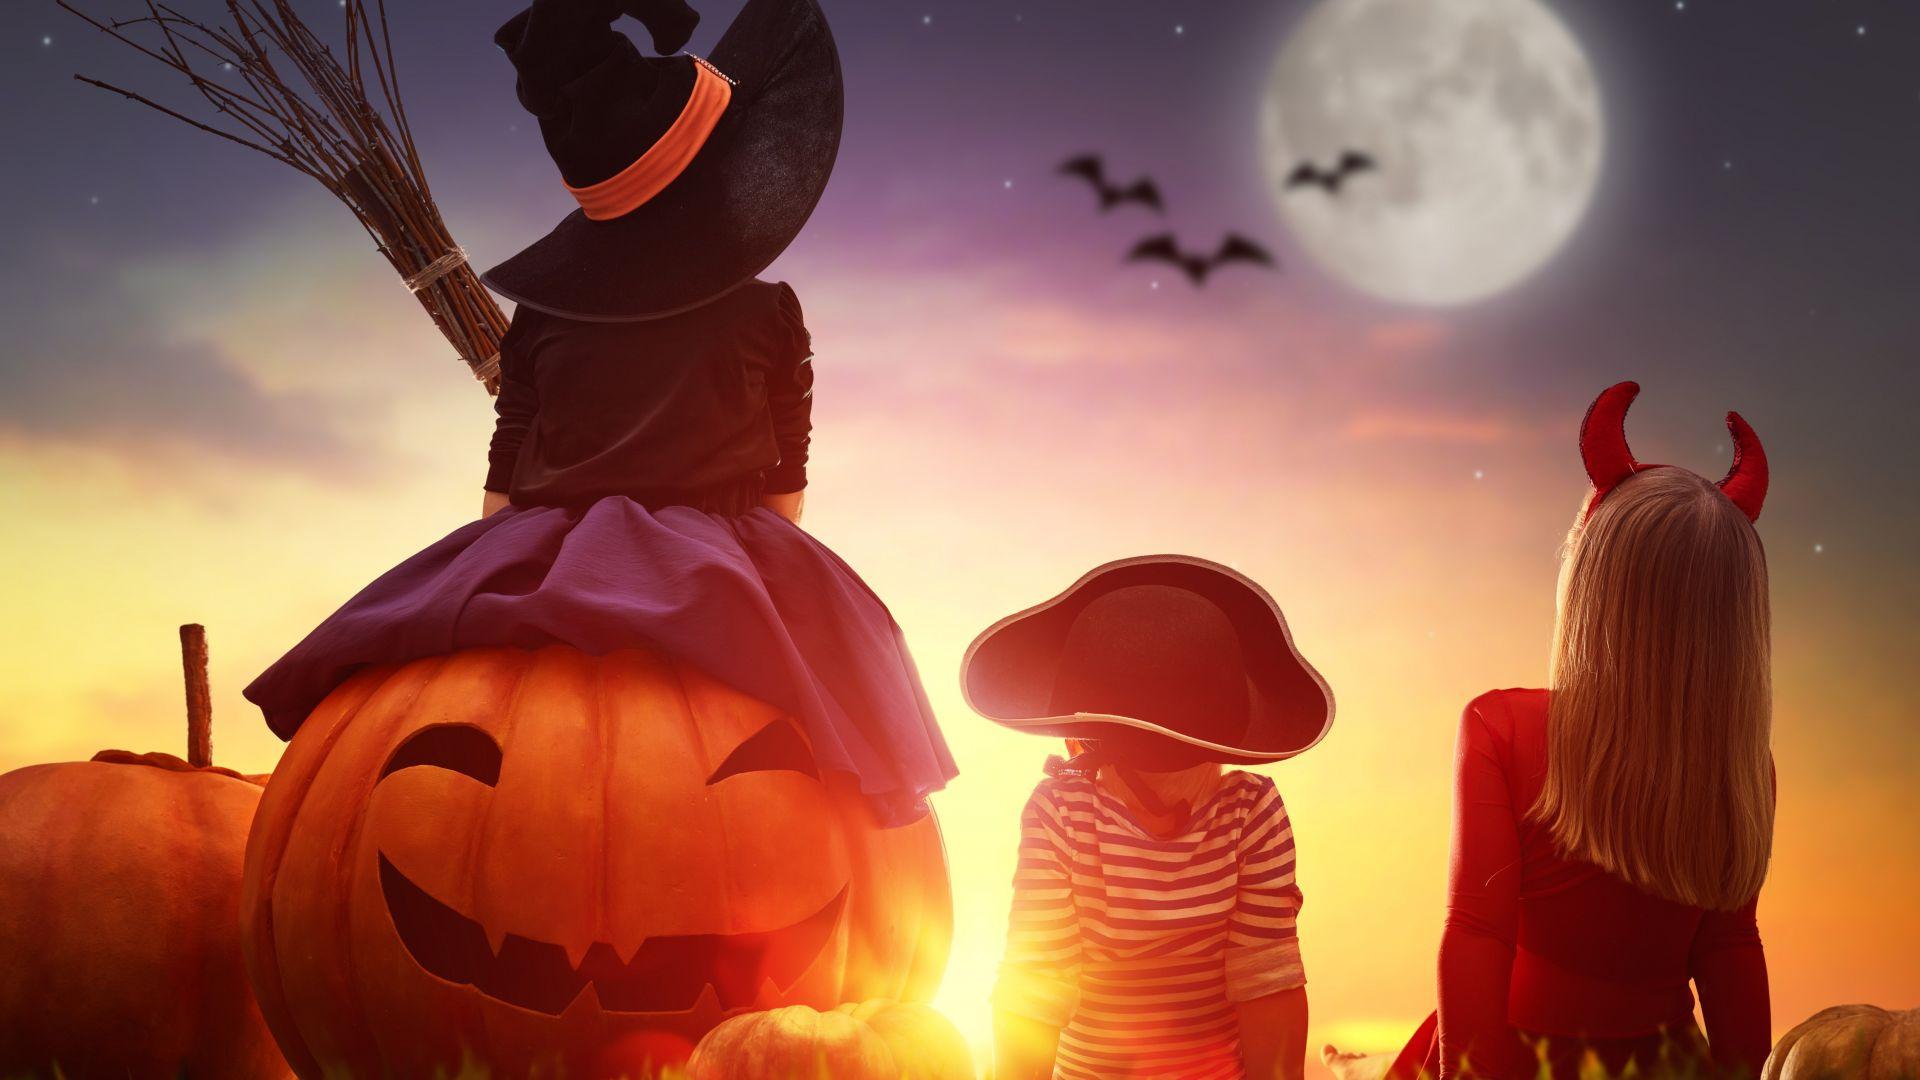 Wallpaper Kids, pumpkin, halloween, costume, sunset, 4k